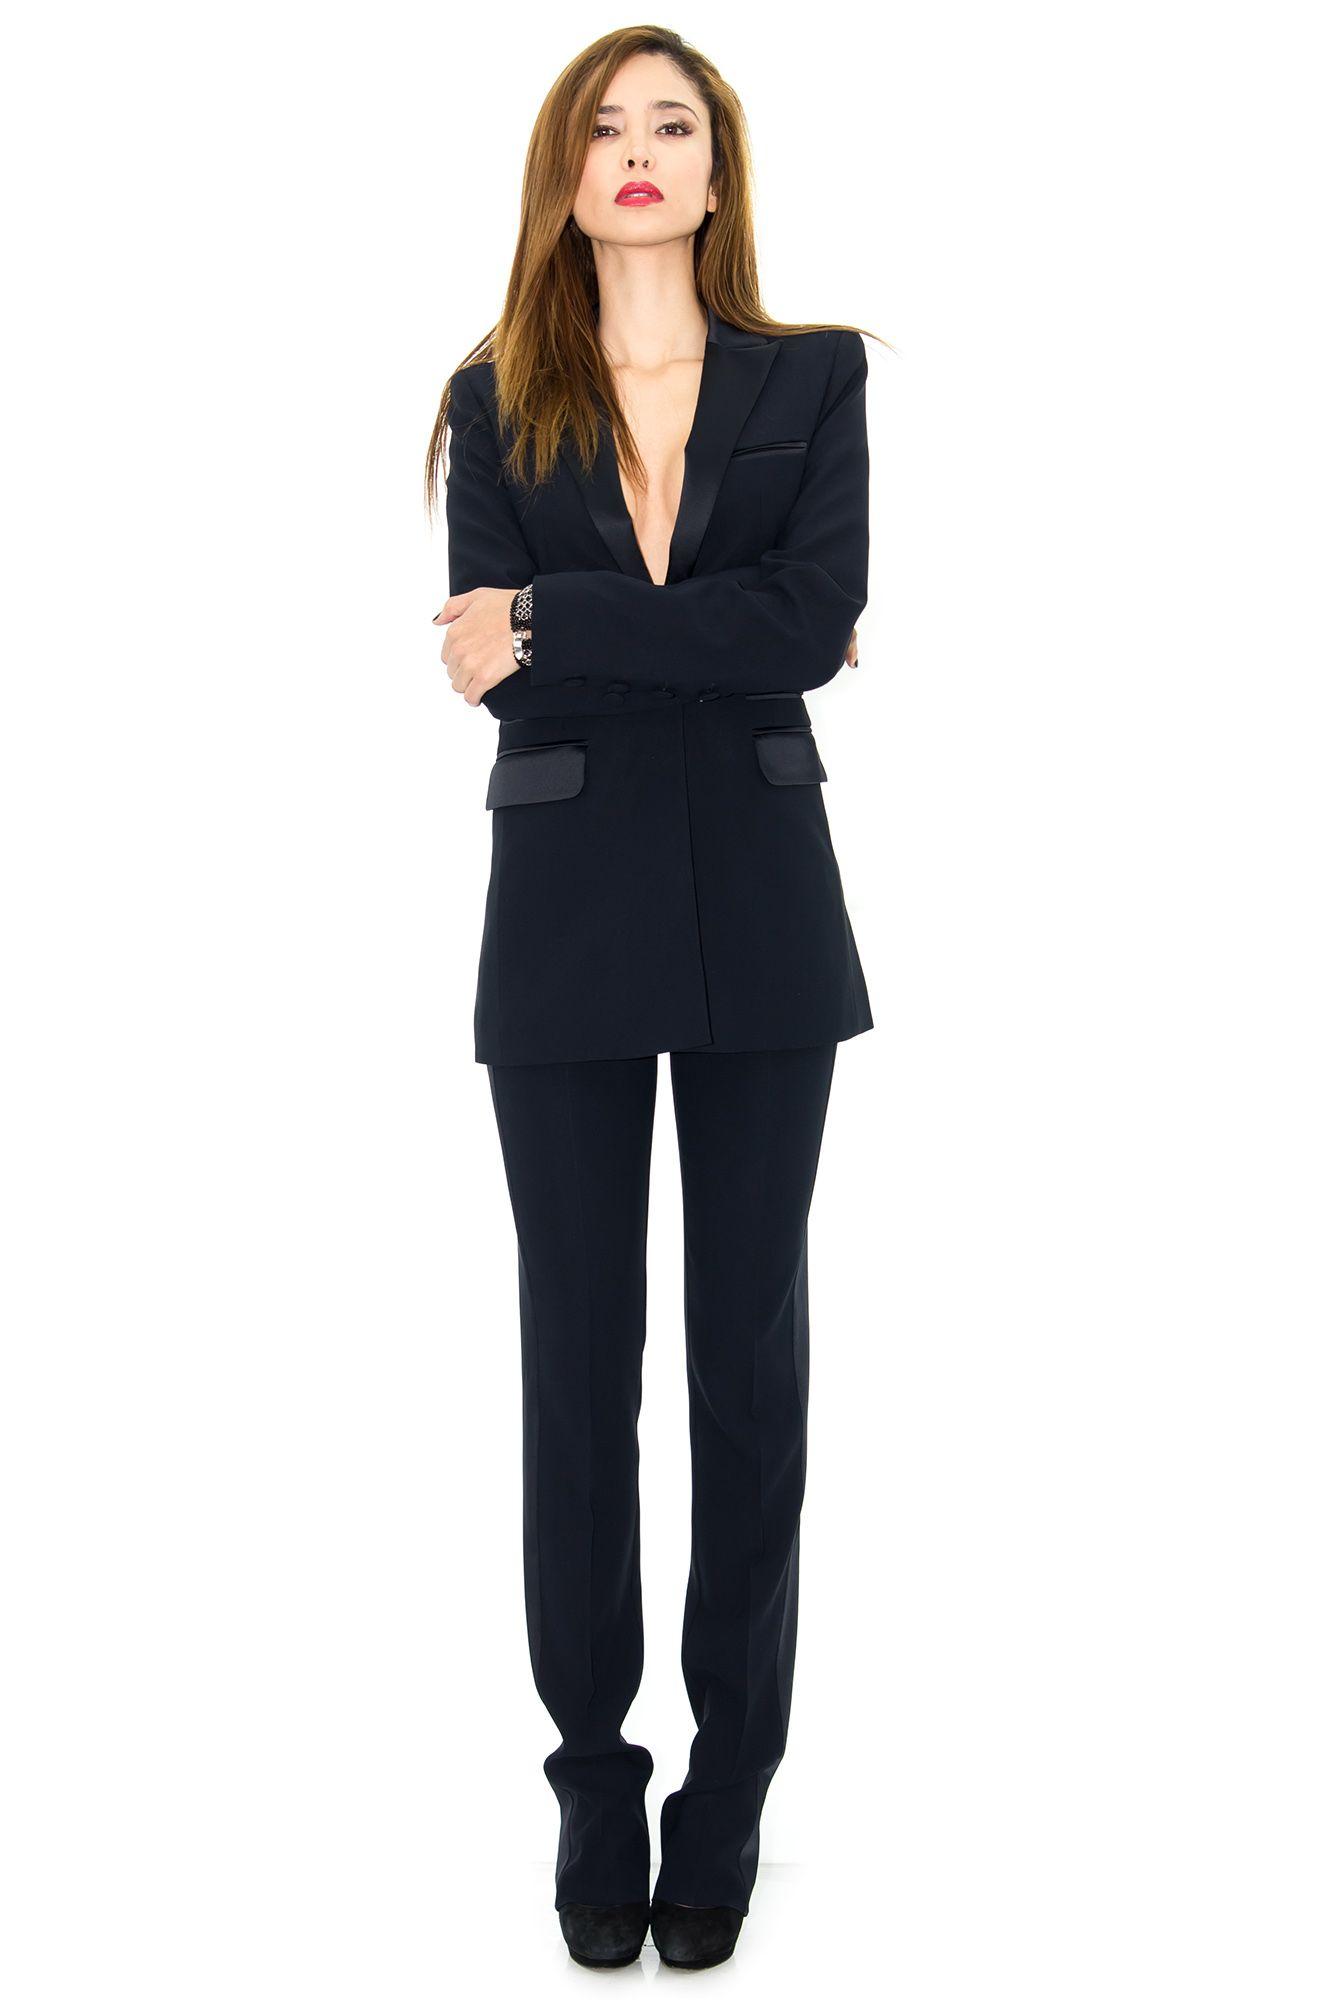 2e9253e3105ab8 Veste de smoking femme, veste longue bleu marine, stefanie renoma -  Stefanie Renoma